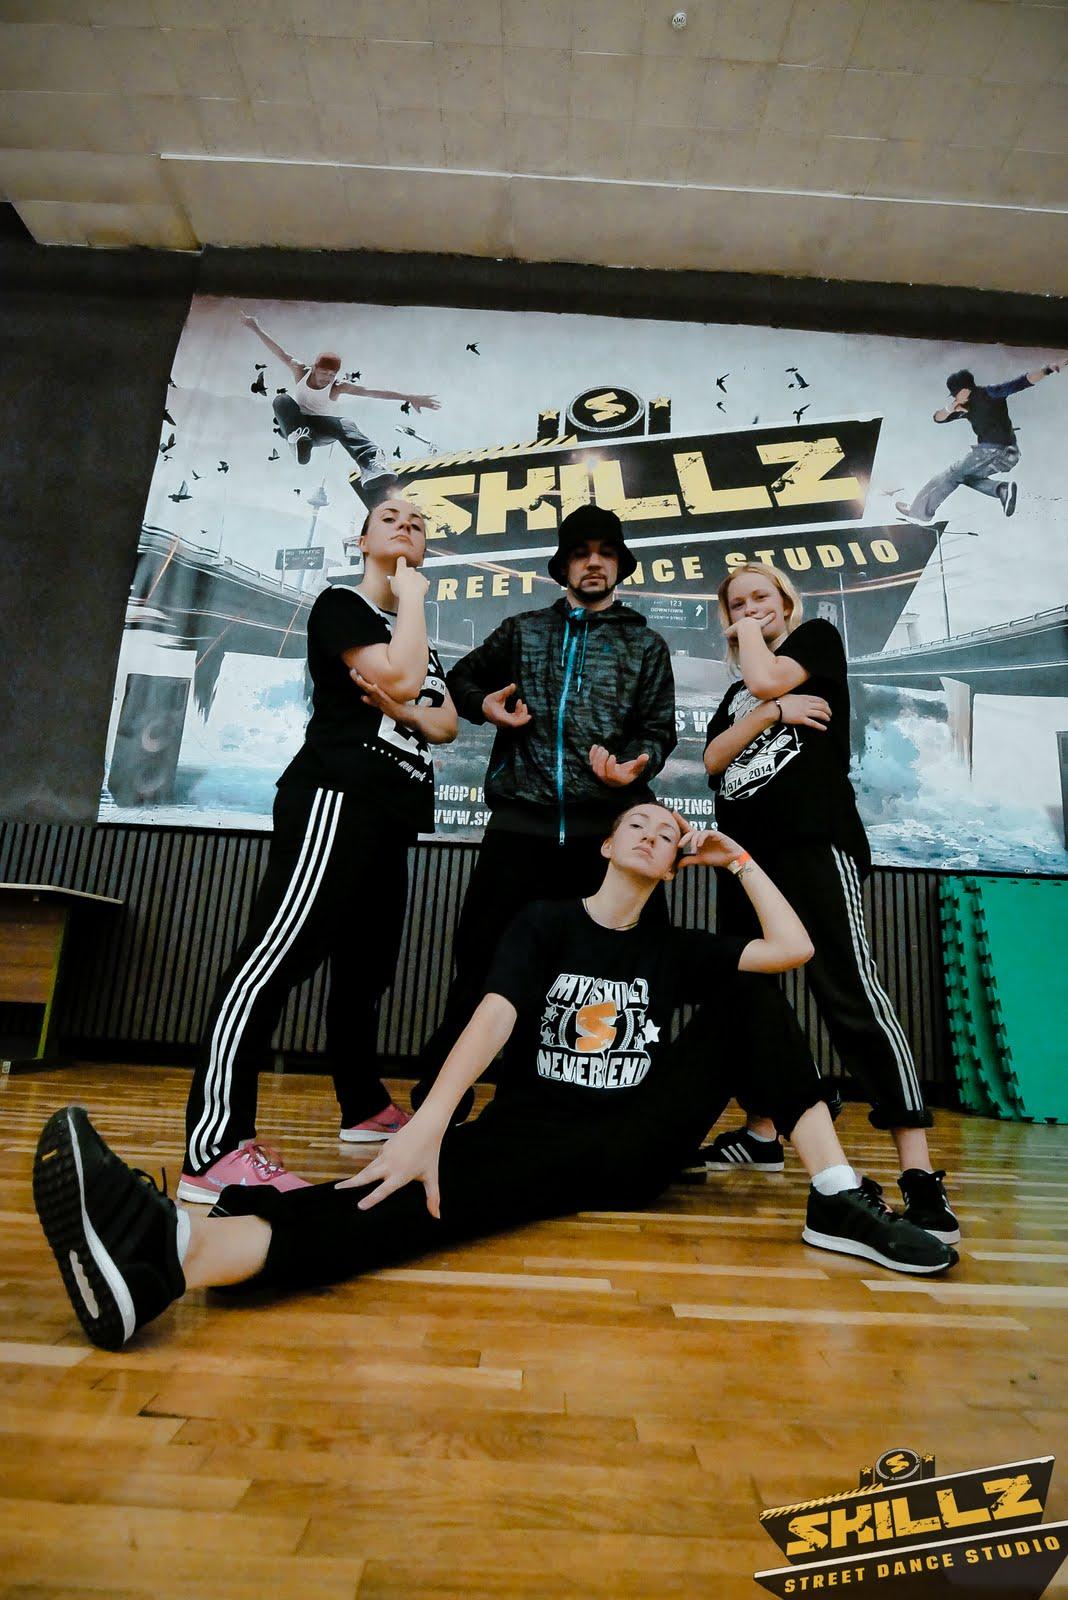 Hip hop seminaras su Jeka iš Maskvos - _1050276.jpg